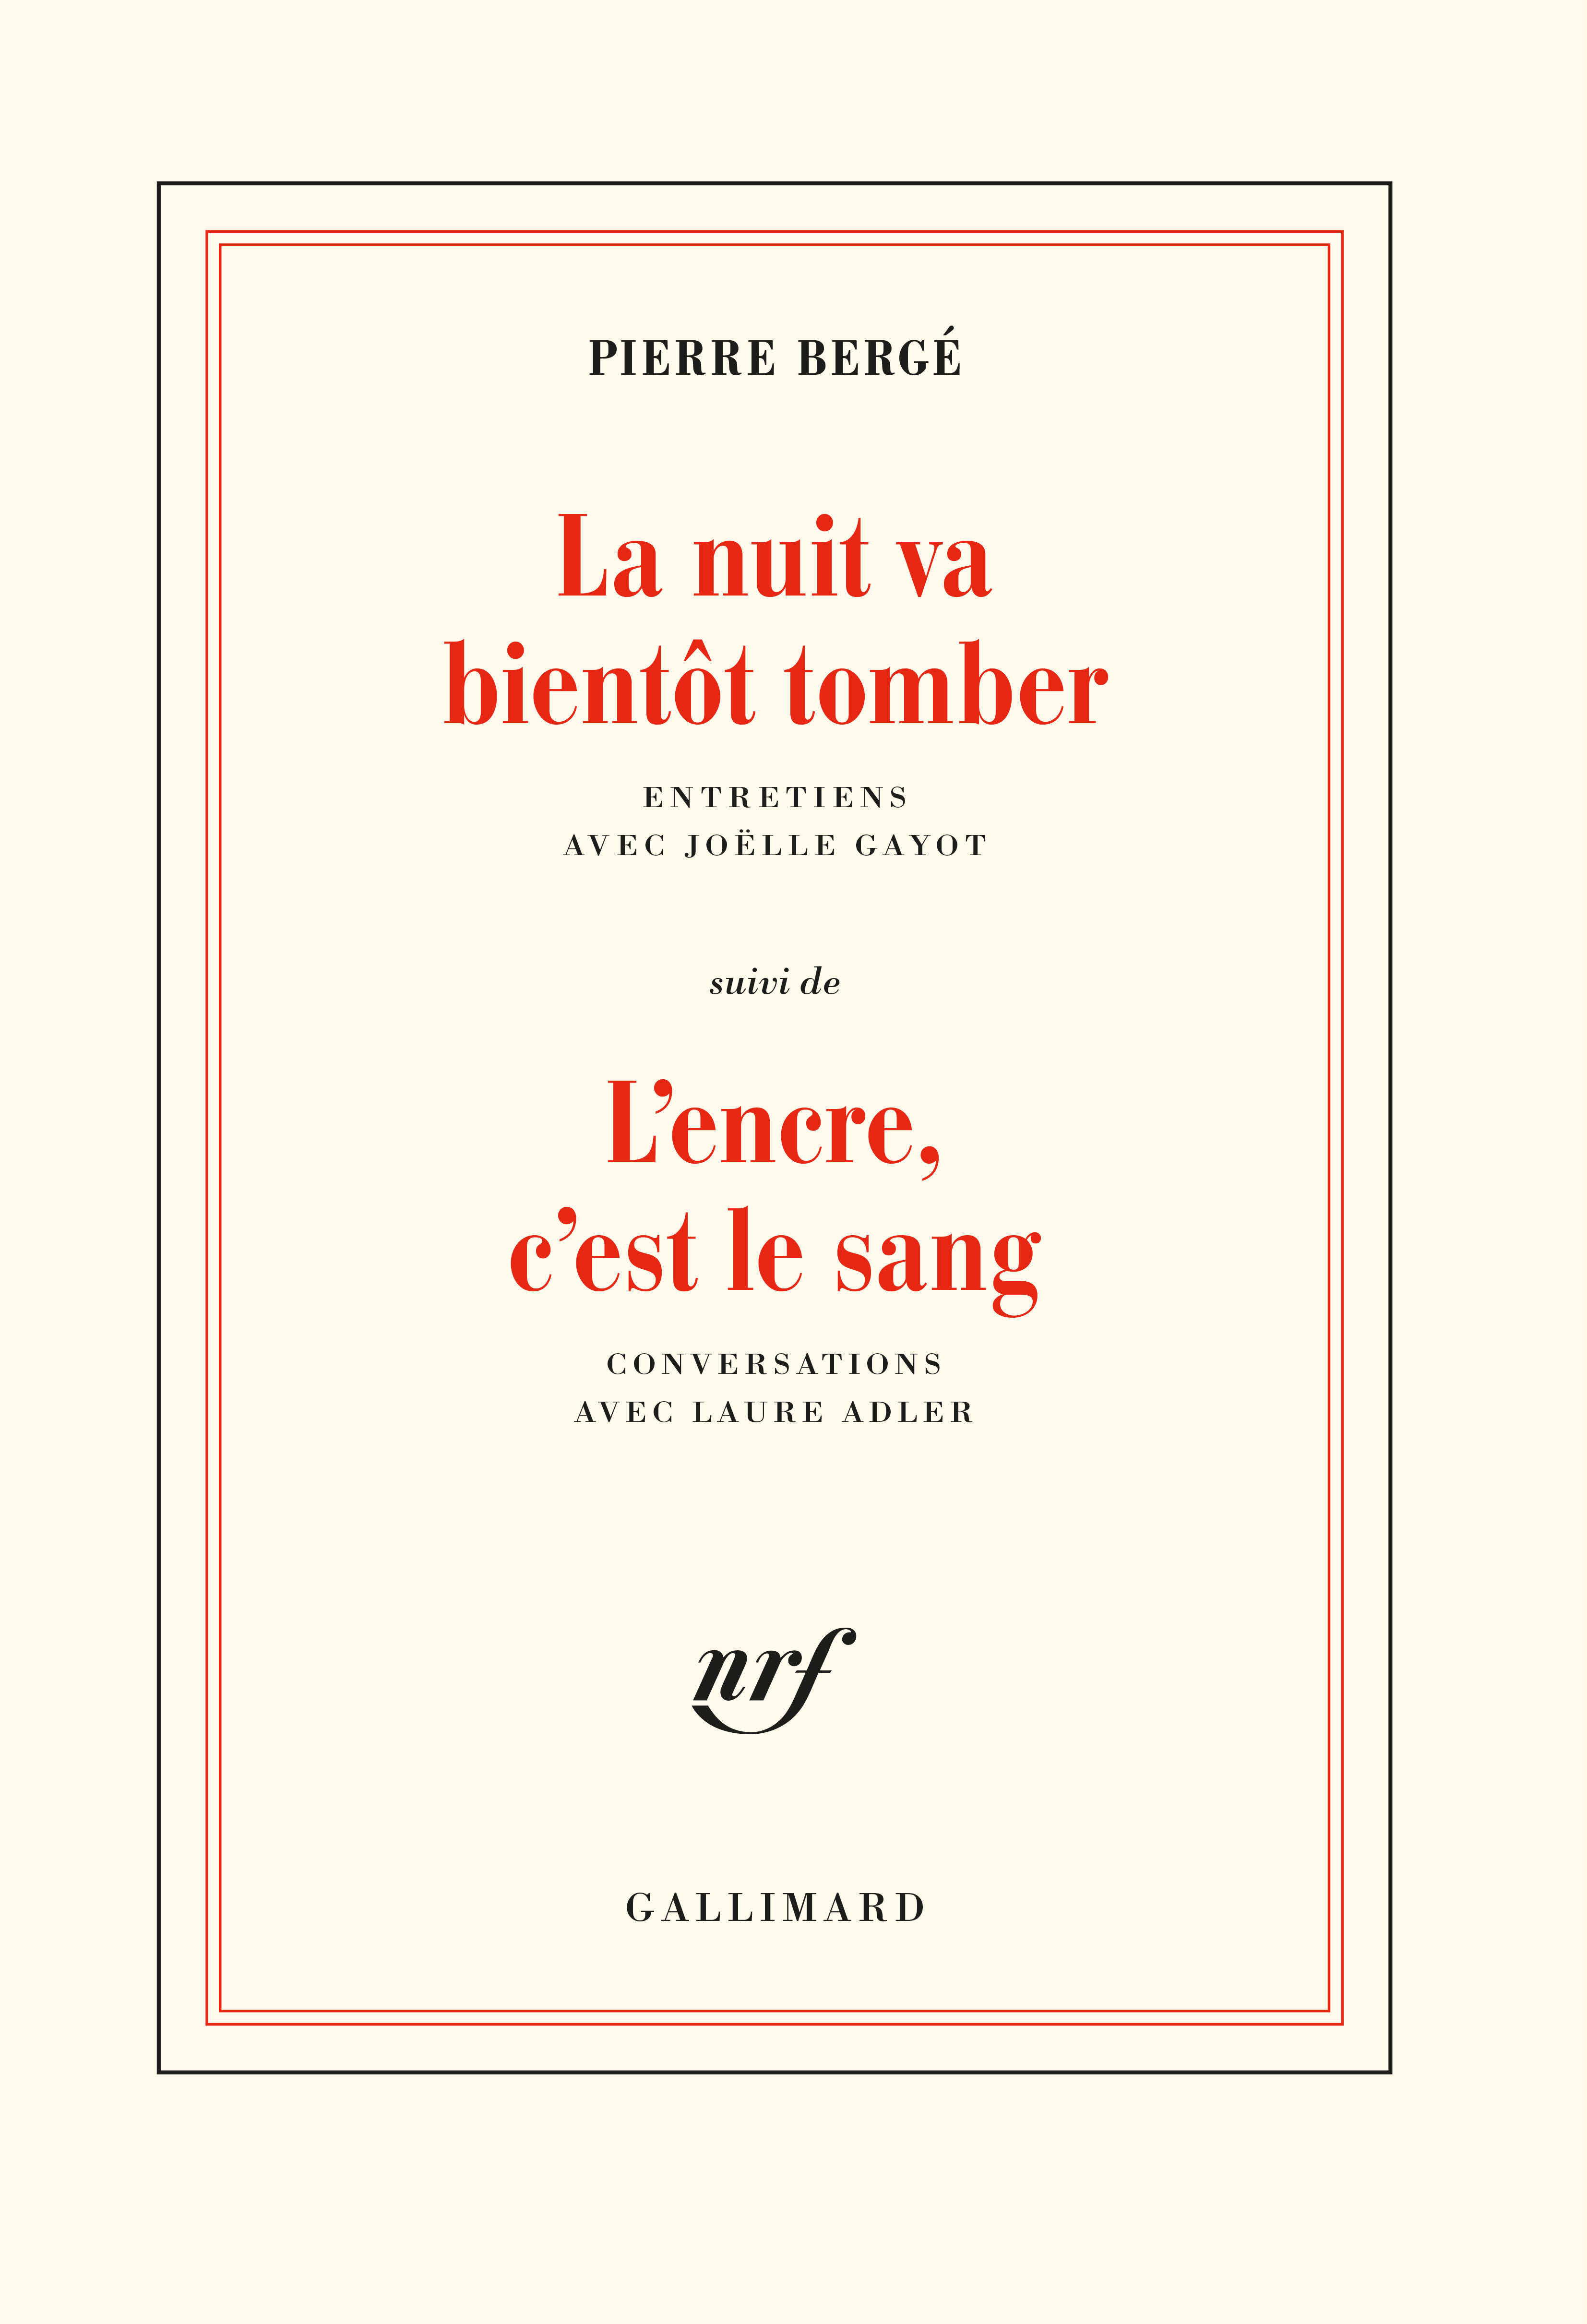 LA NUIT VA BIENTOT TOMBER/L'ENCRE, C'EST LE SANG - ENTRETIENS